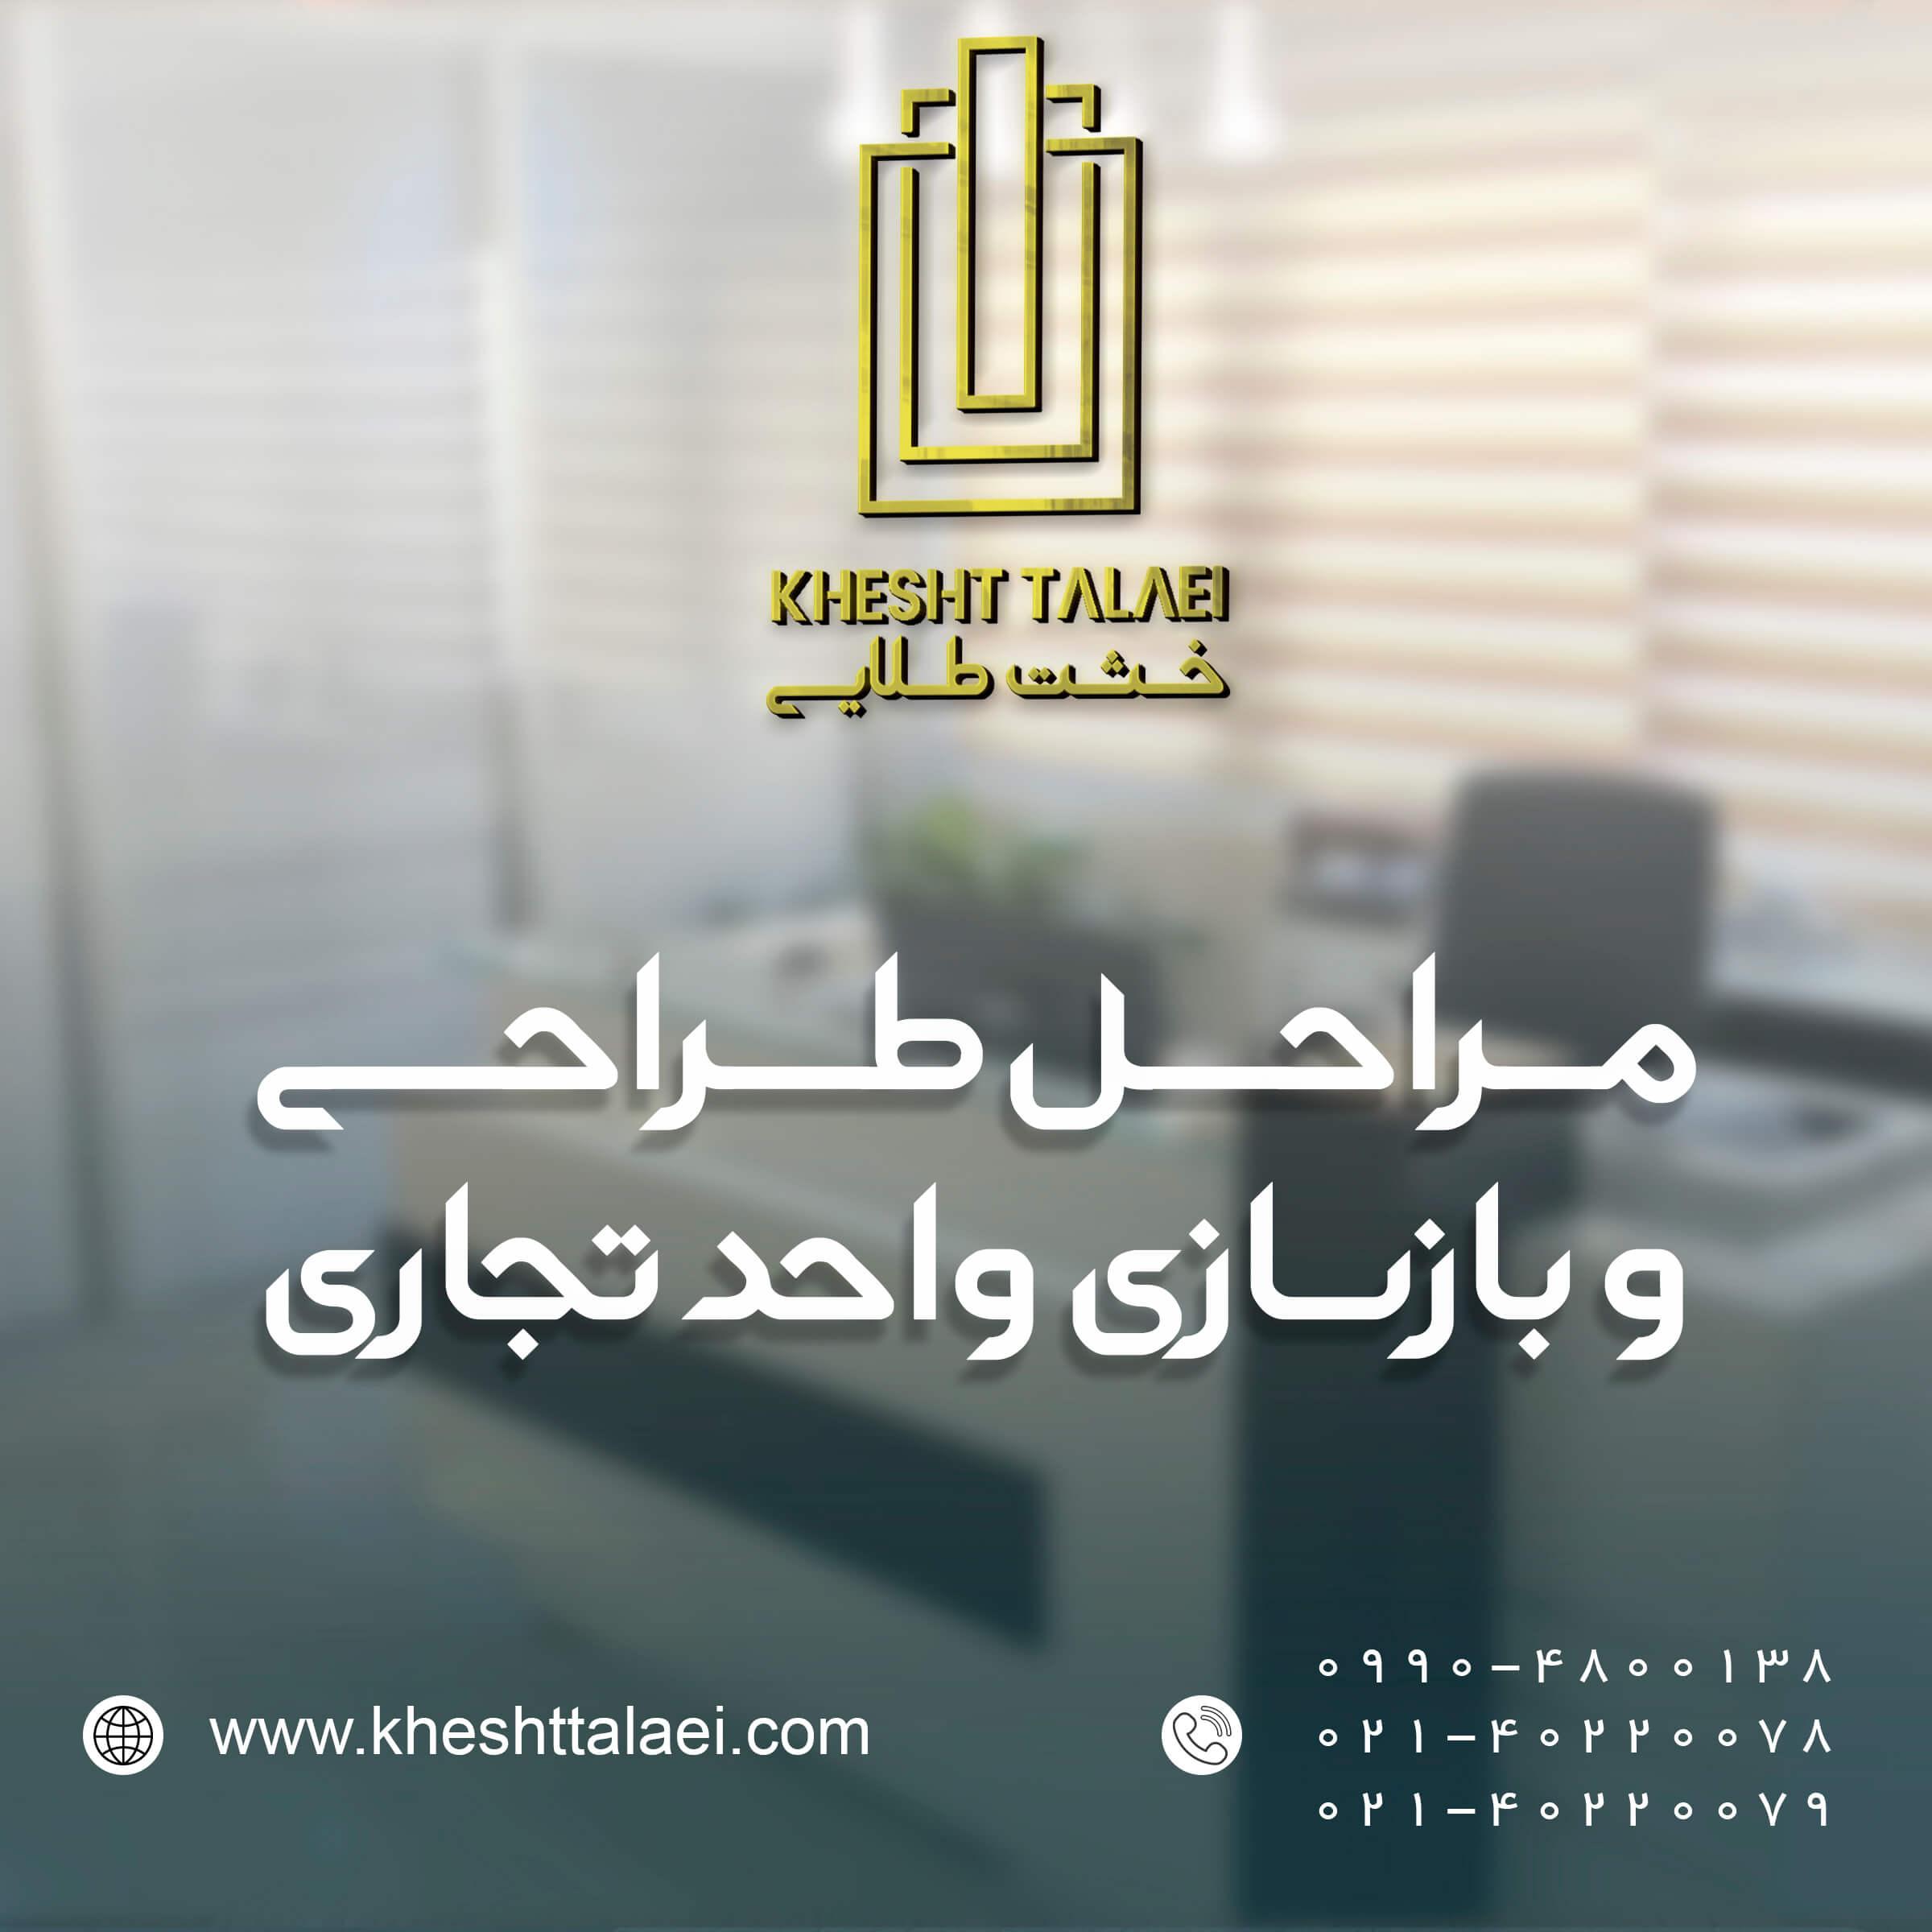 مراحل طراحی بازسازی خانه